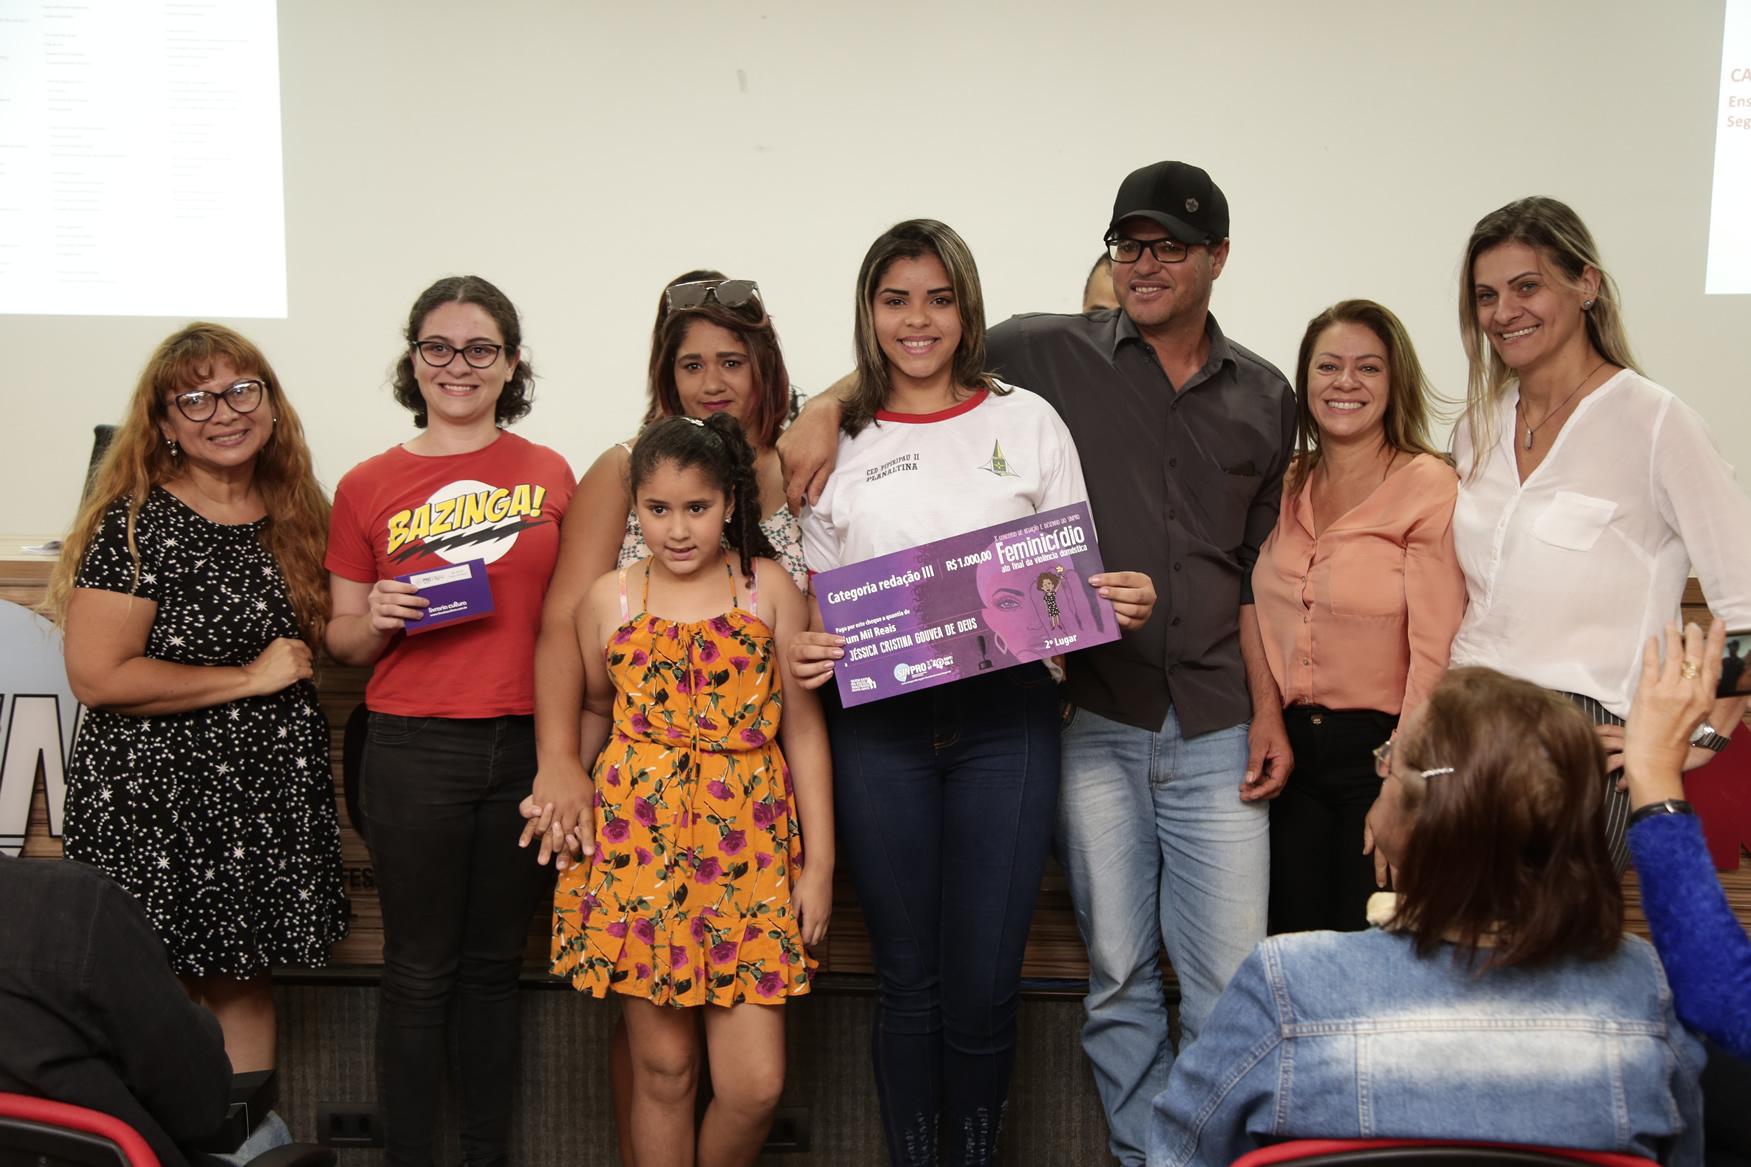 2019.05.19-Premiacao-do-X-Concurso-de-Redacao-do-Sinpro-DF_fotos-ECOM-48